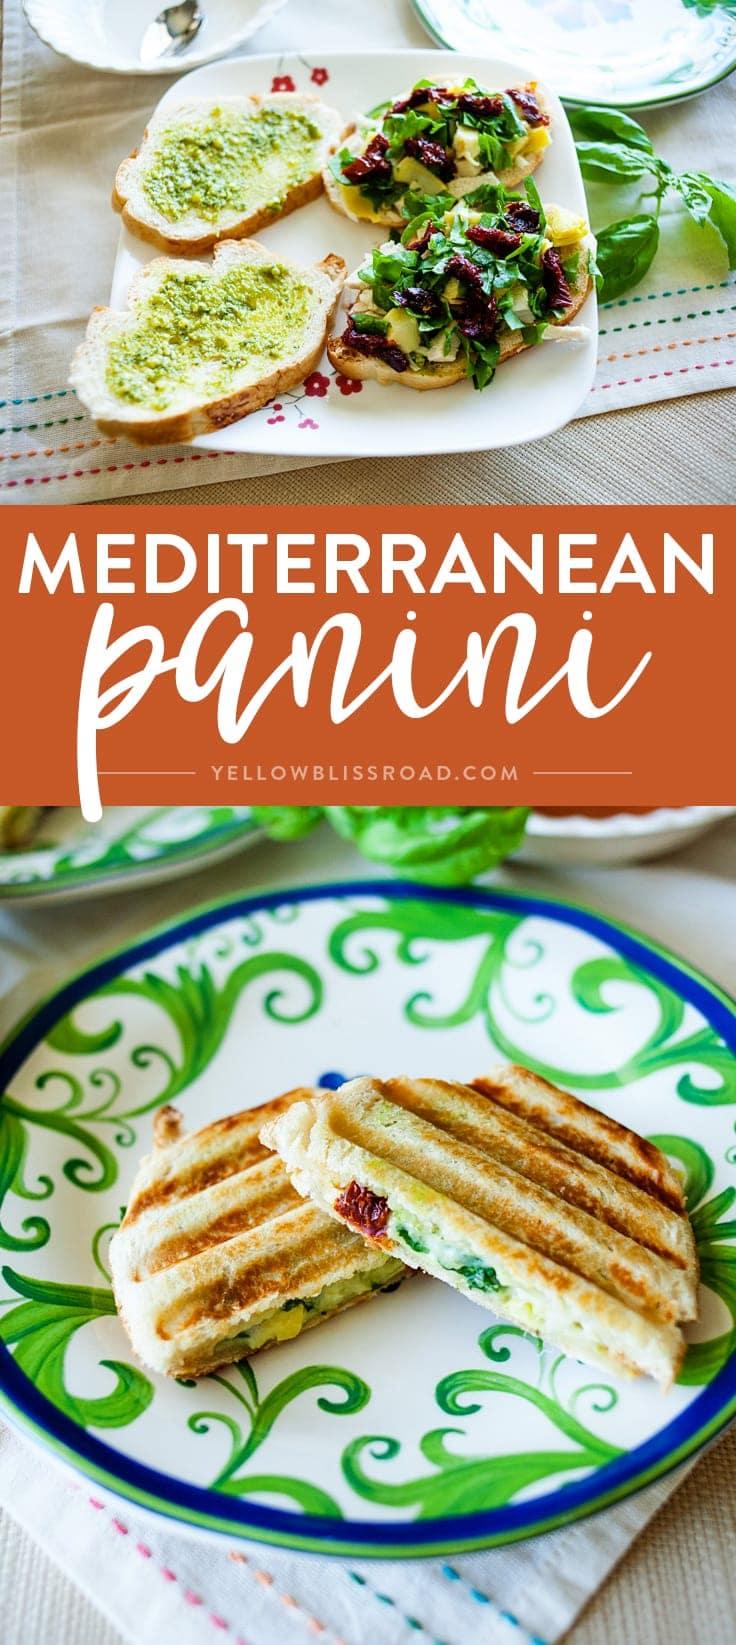 Social media image of Mediterranean Panini